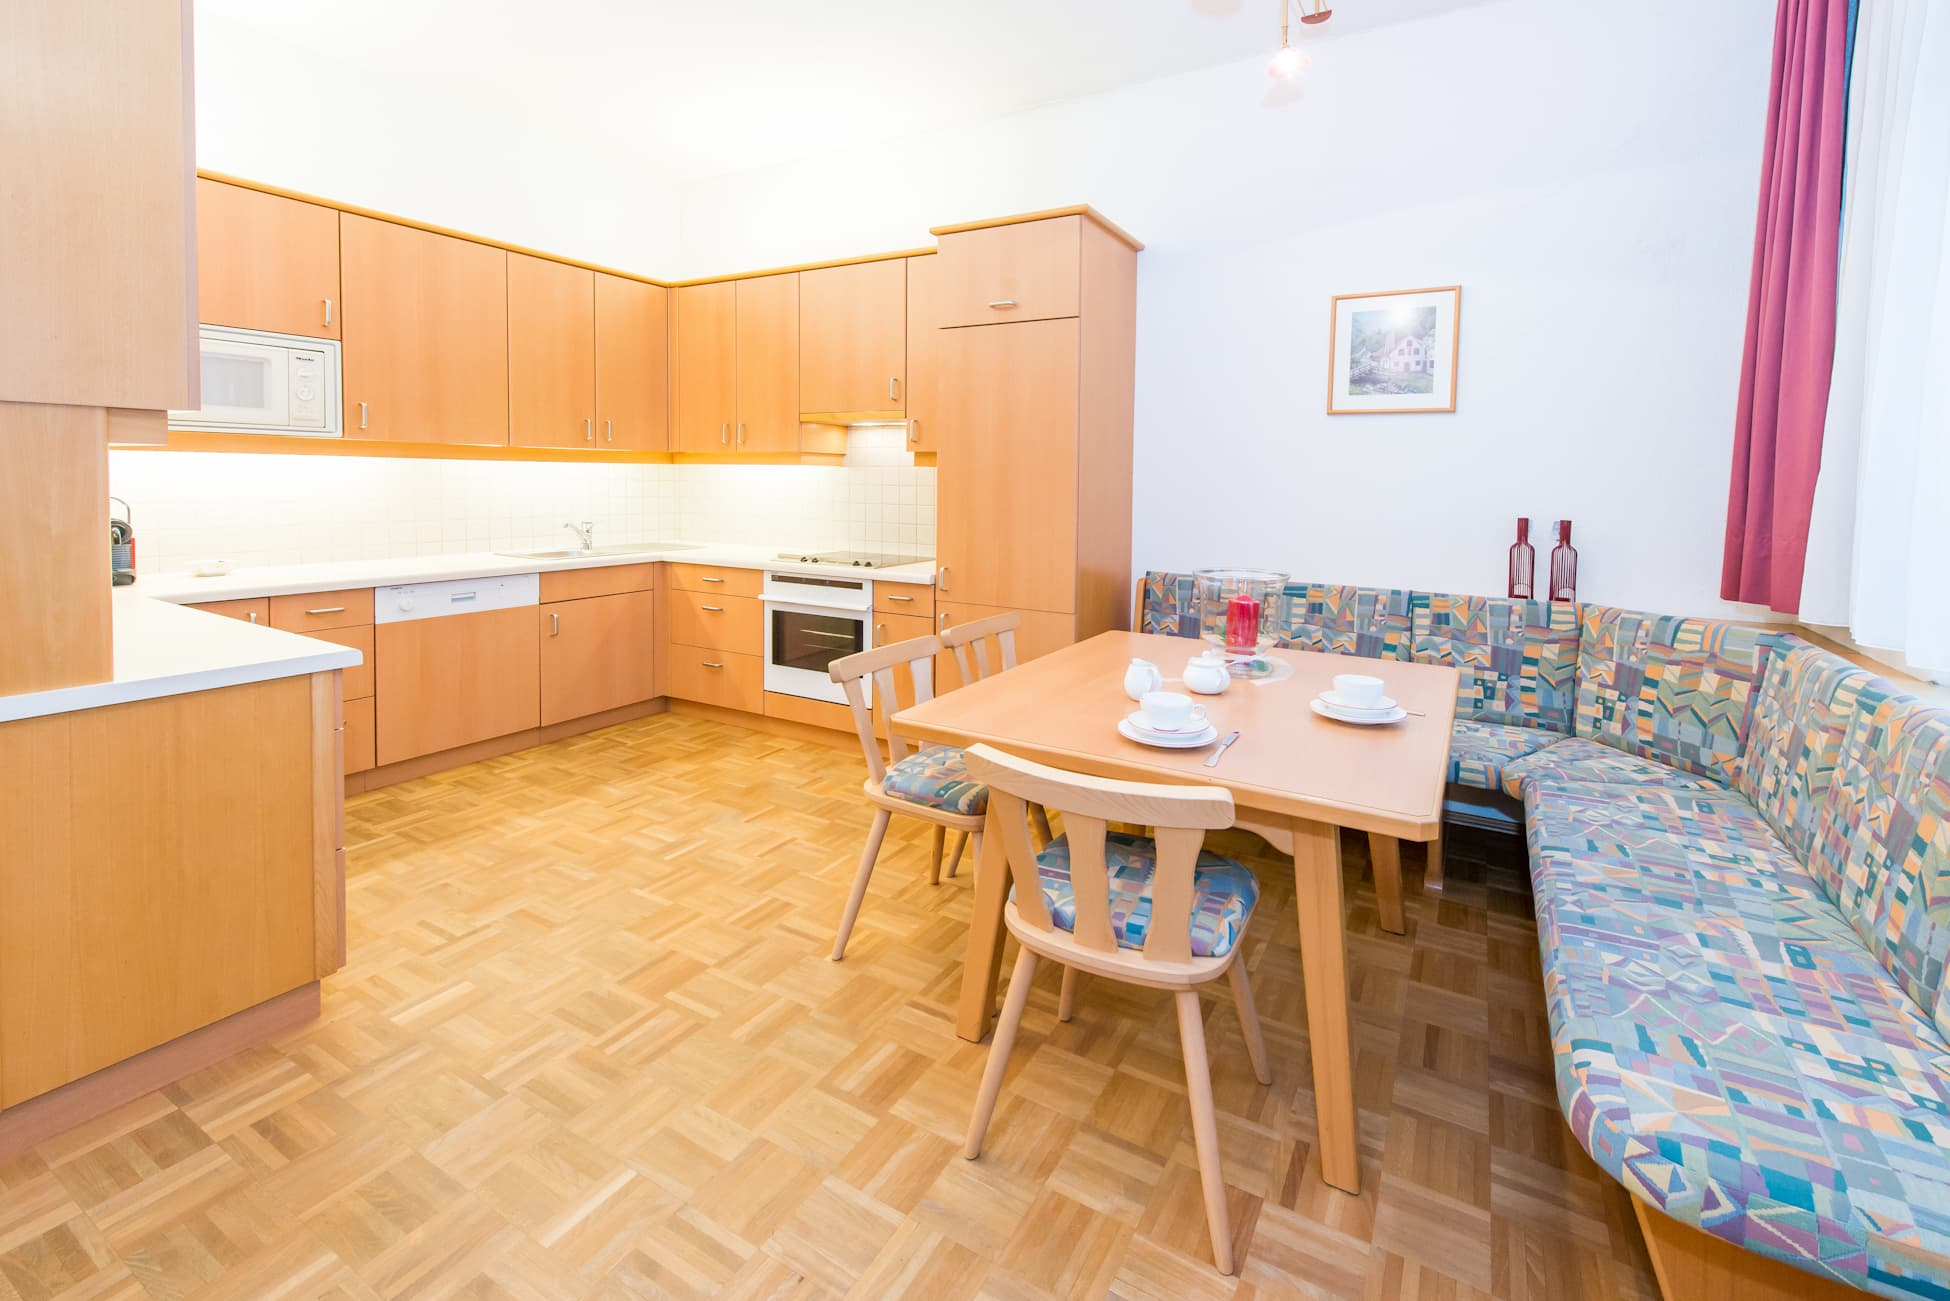 Aufnahme der Wohnküce von Wohnung 3 in Ybbsitz